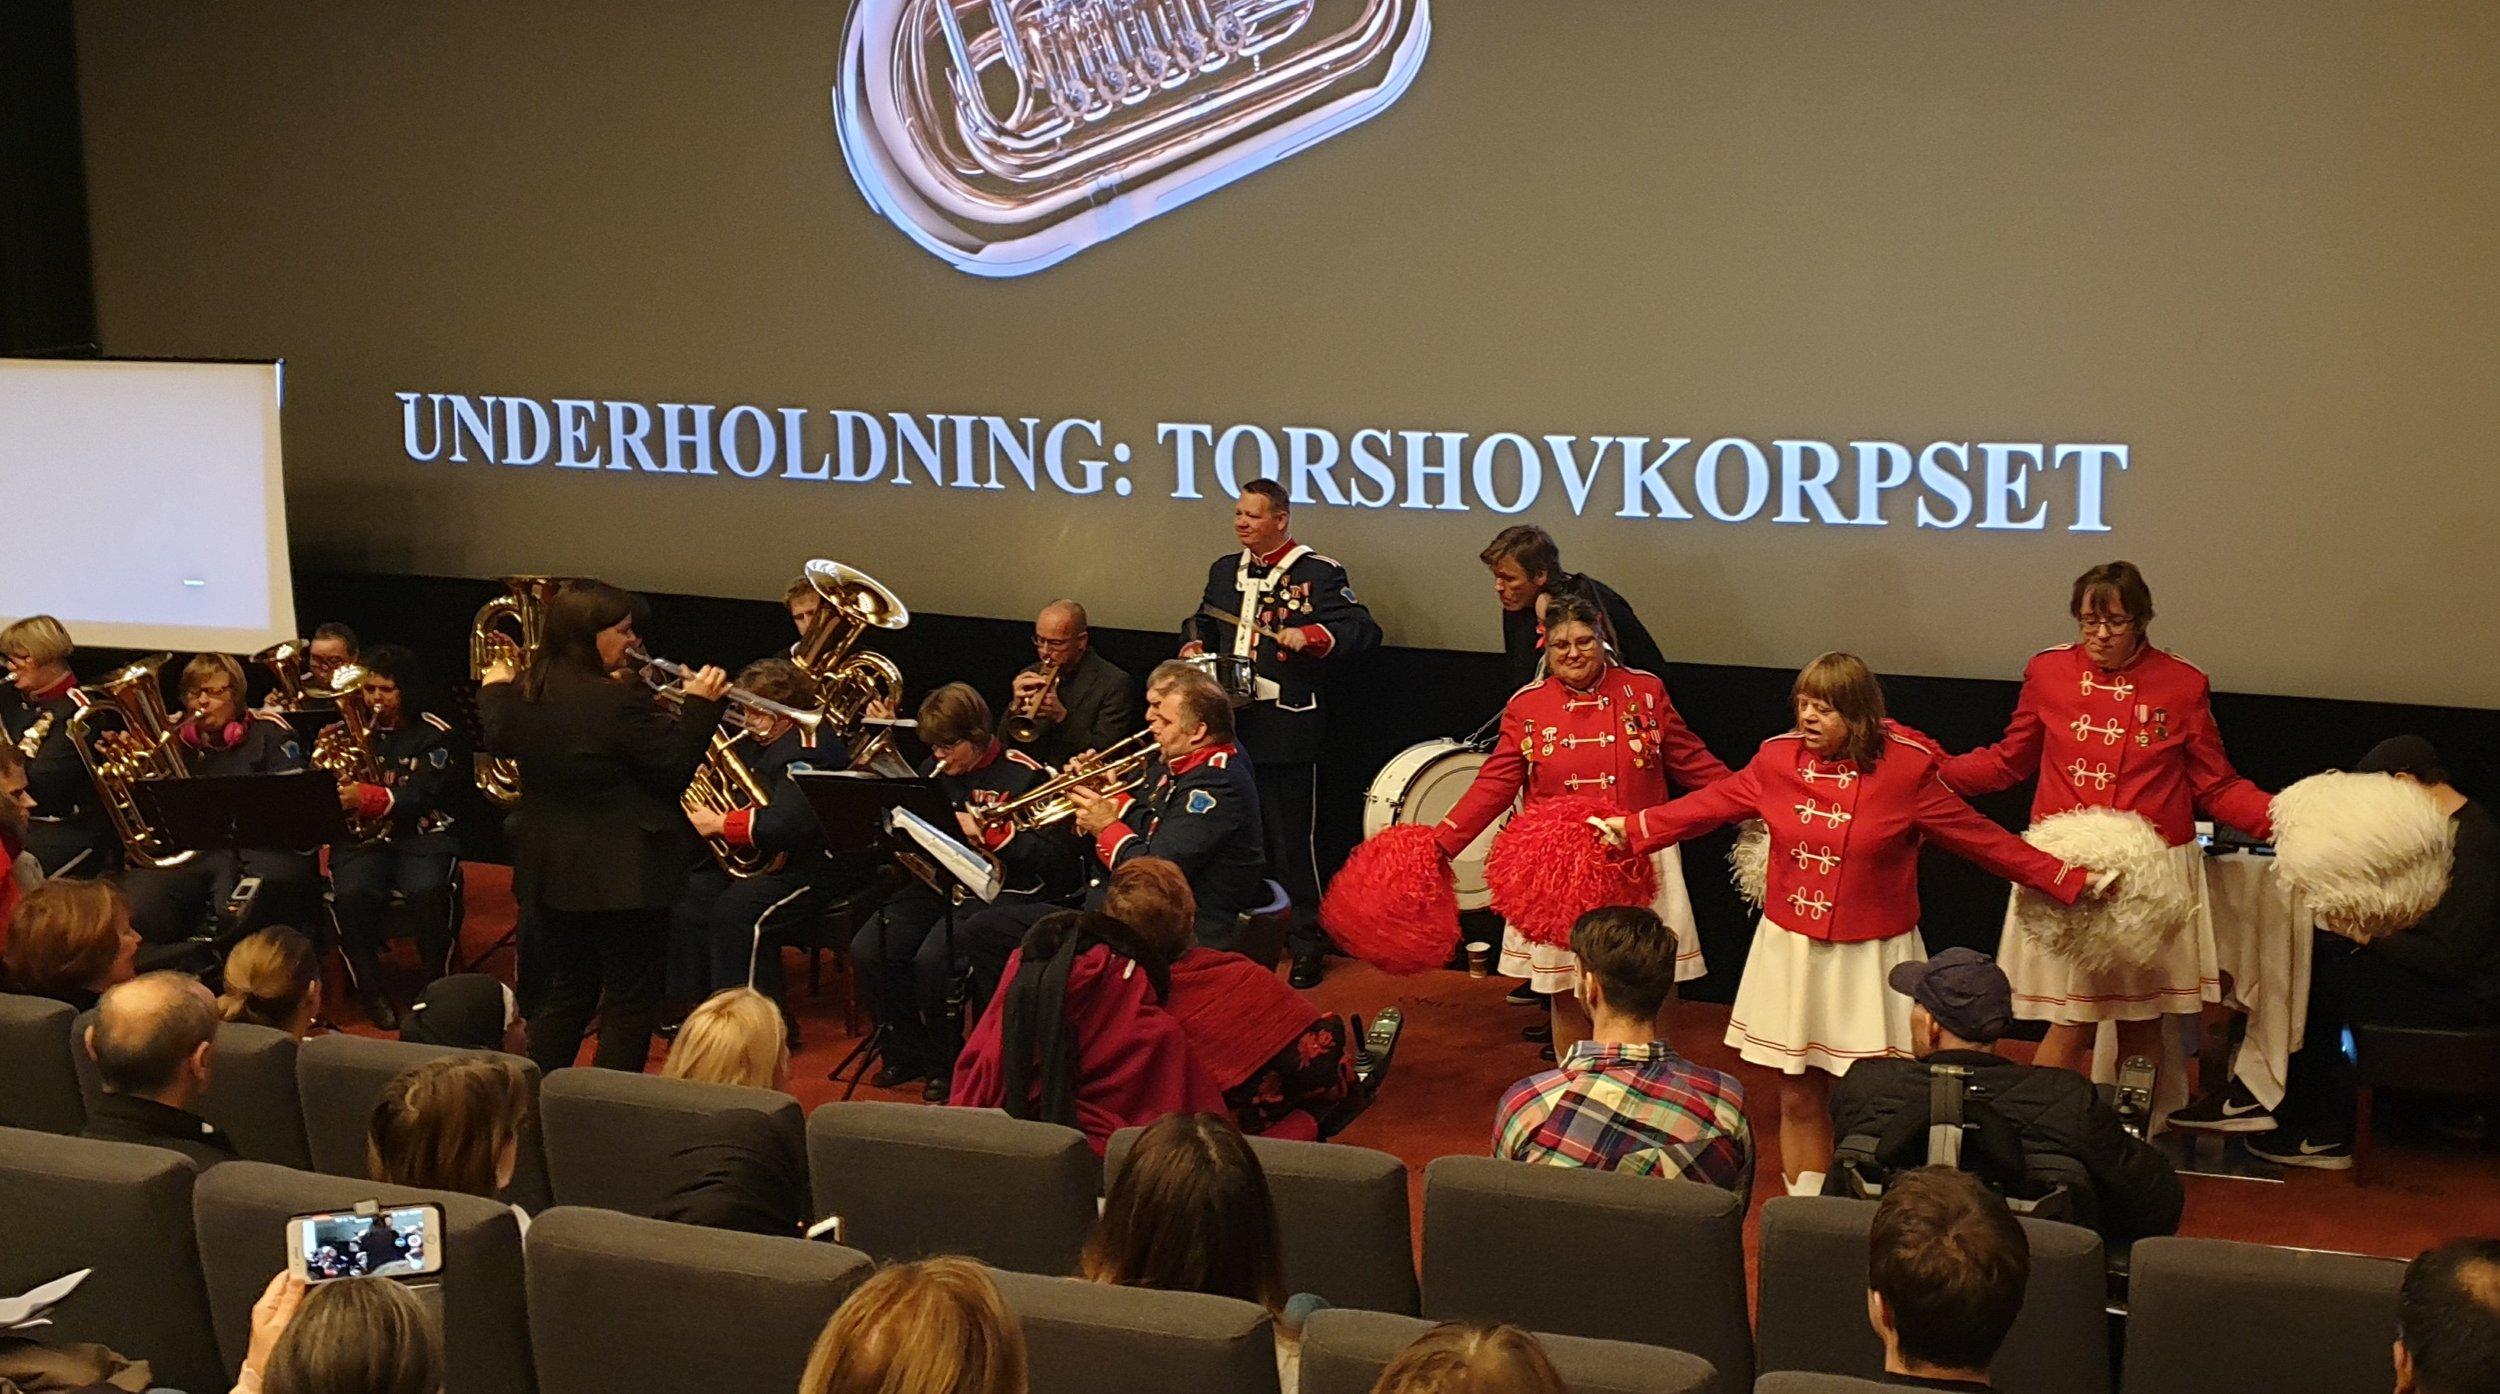 Torshovkorpset imponerte alle med fantastisk musikk og bevegelser med pom poms.